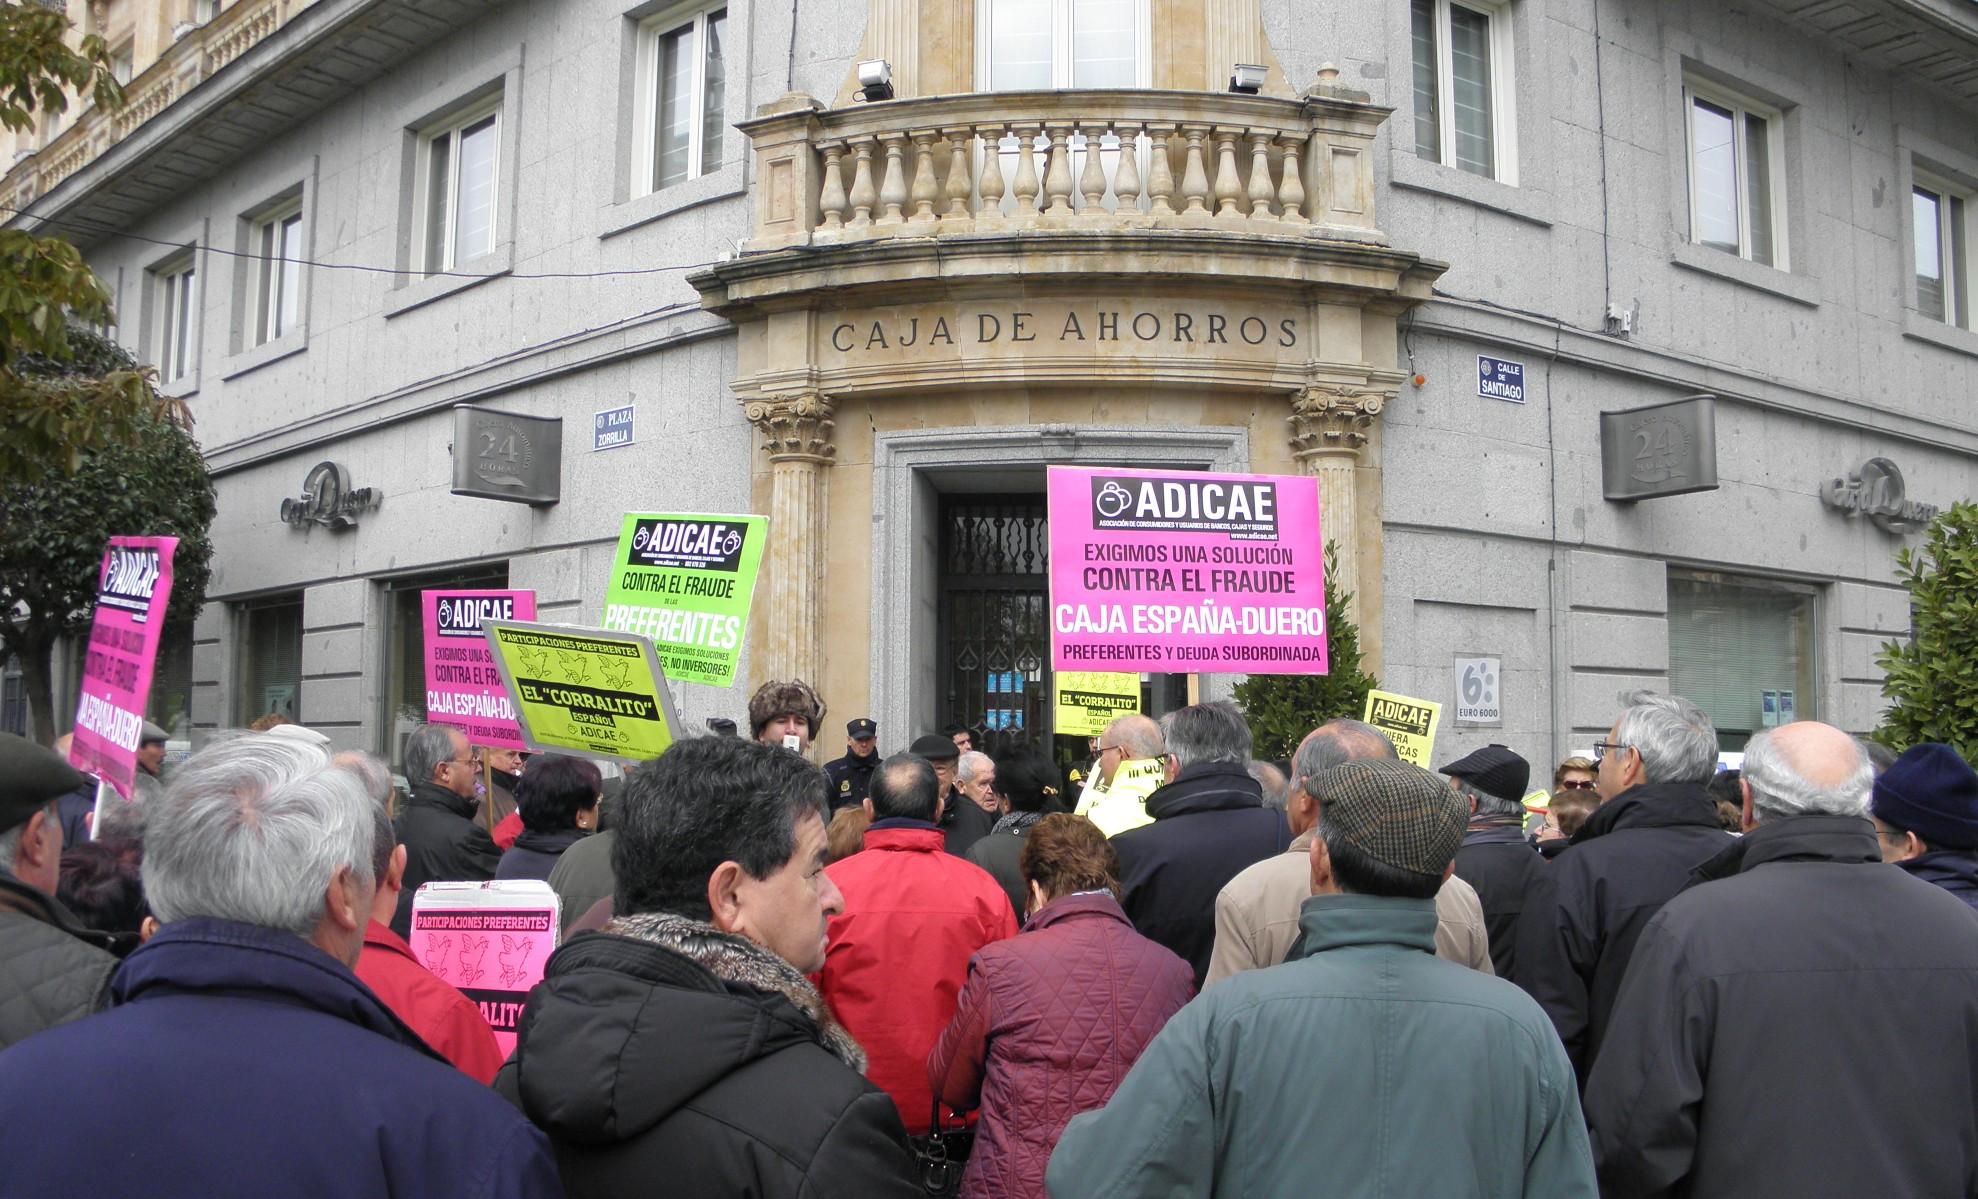 Movilización Valladolid contra el fraude del banco CEISS